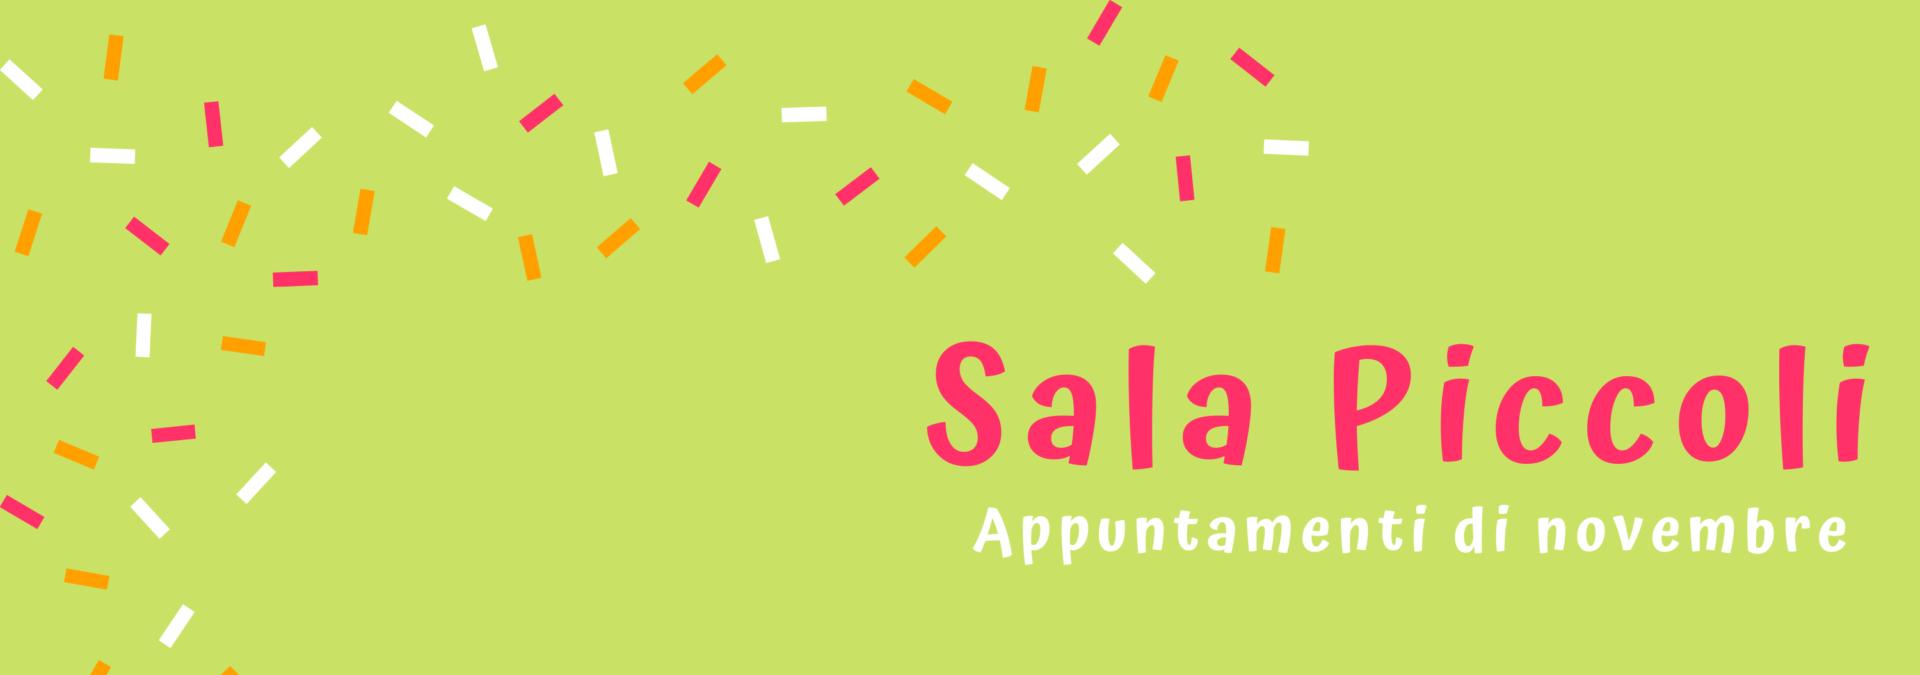 Appuntamenti di novembre in Sala Piccoli